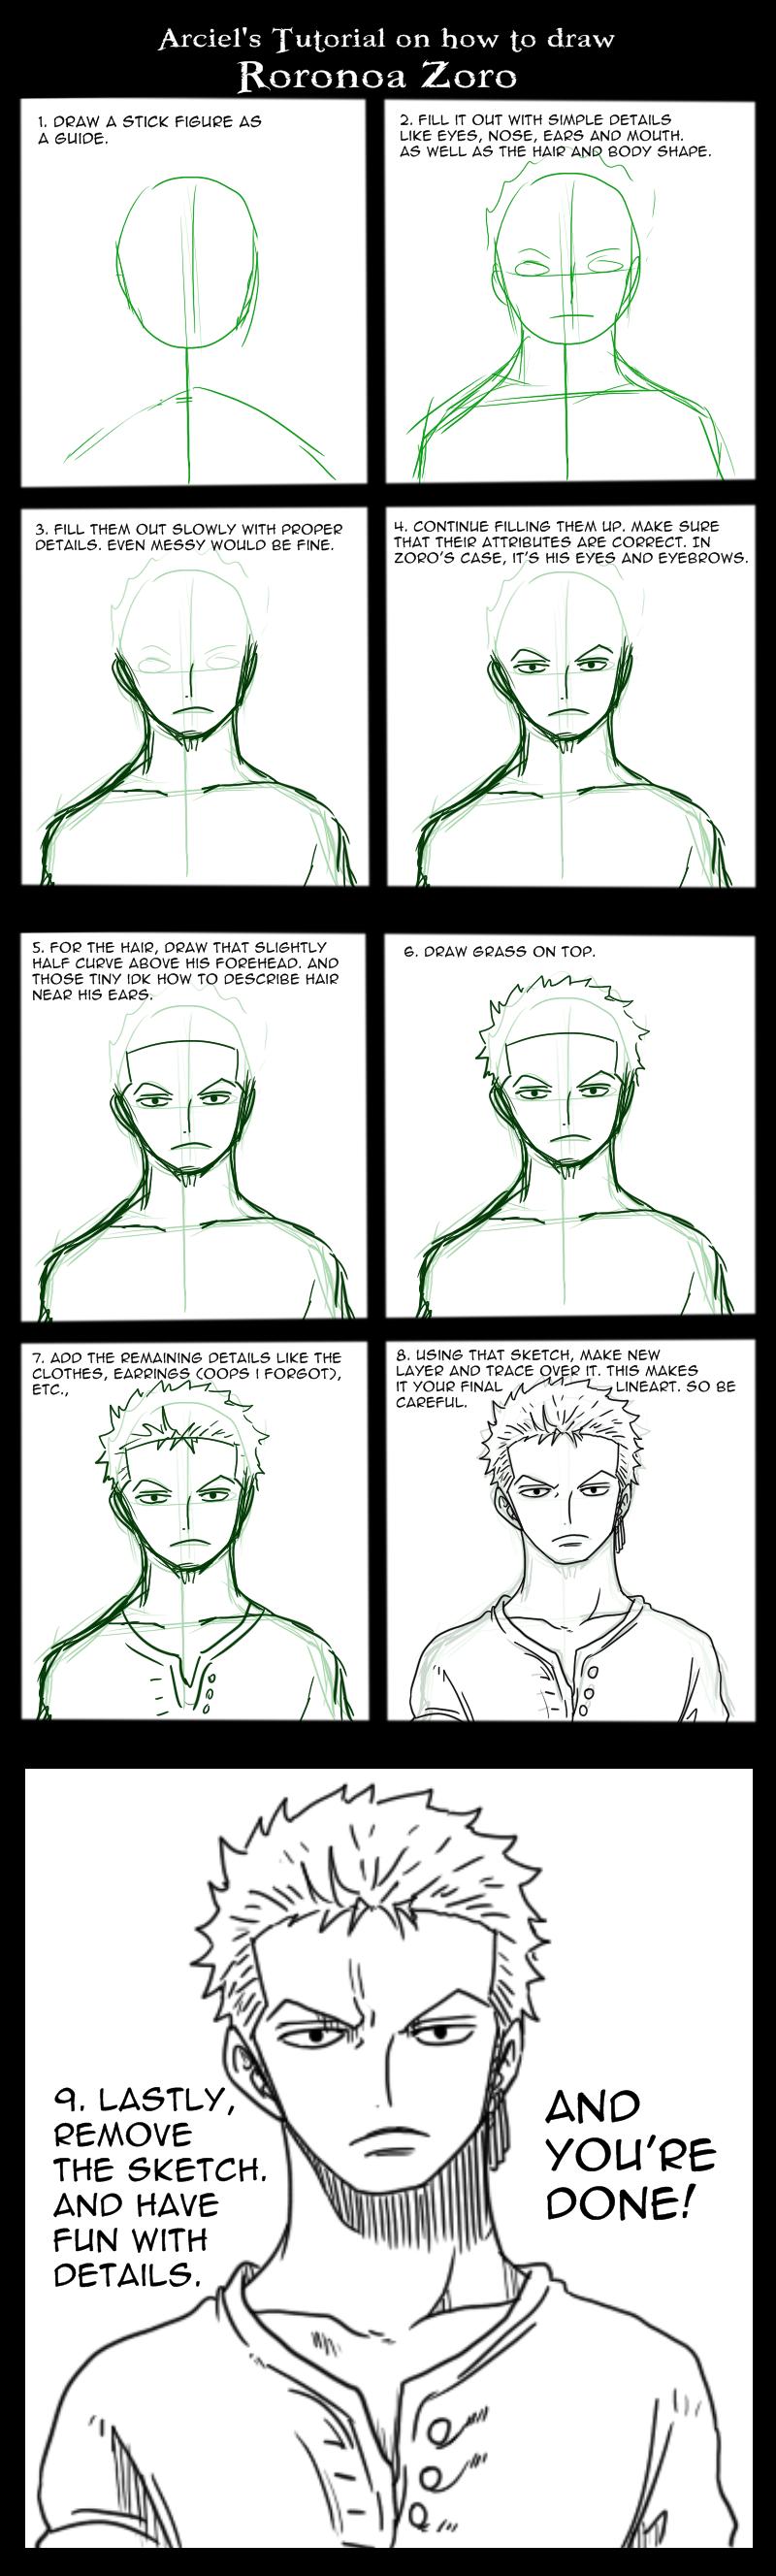 Arciel's Tutorial: How to draw Roronoa Zoro by ArcielFreeder